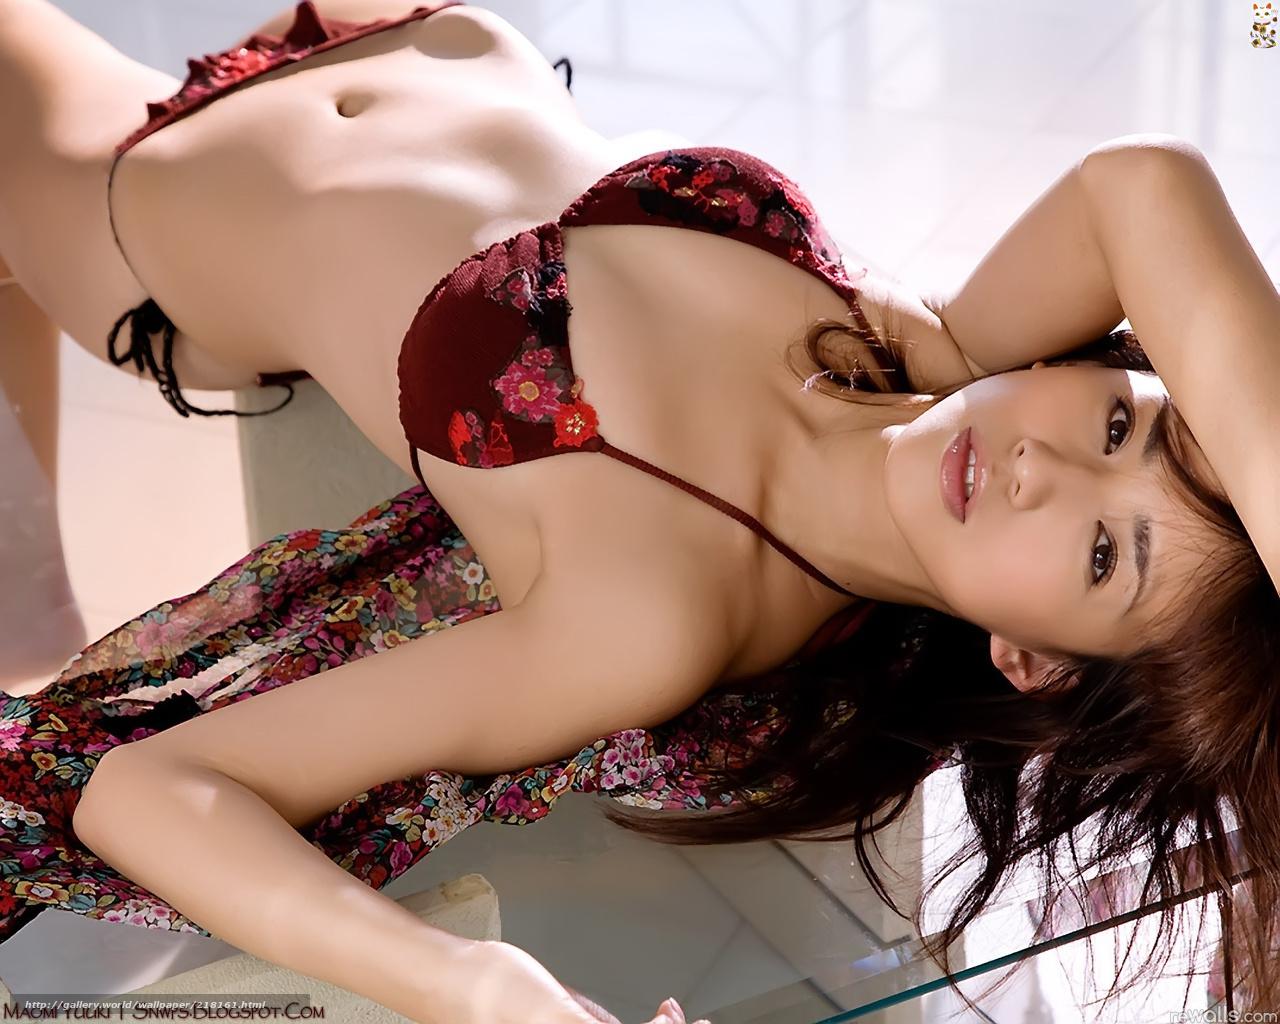 Sexy girls sex hd photos hentai clip